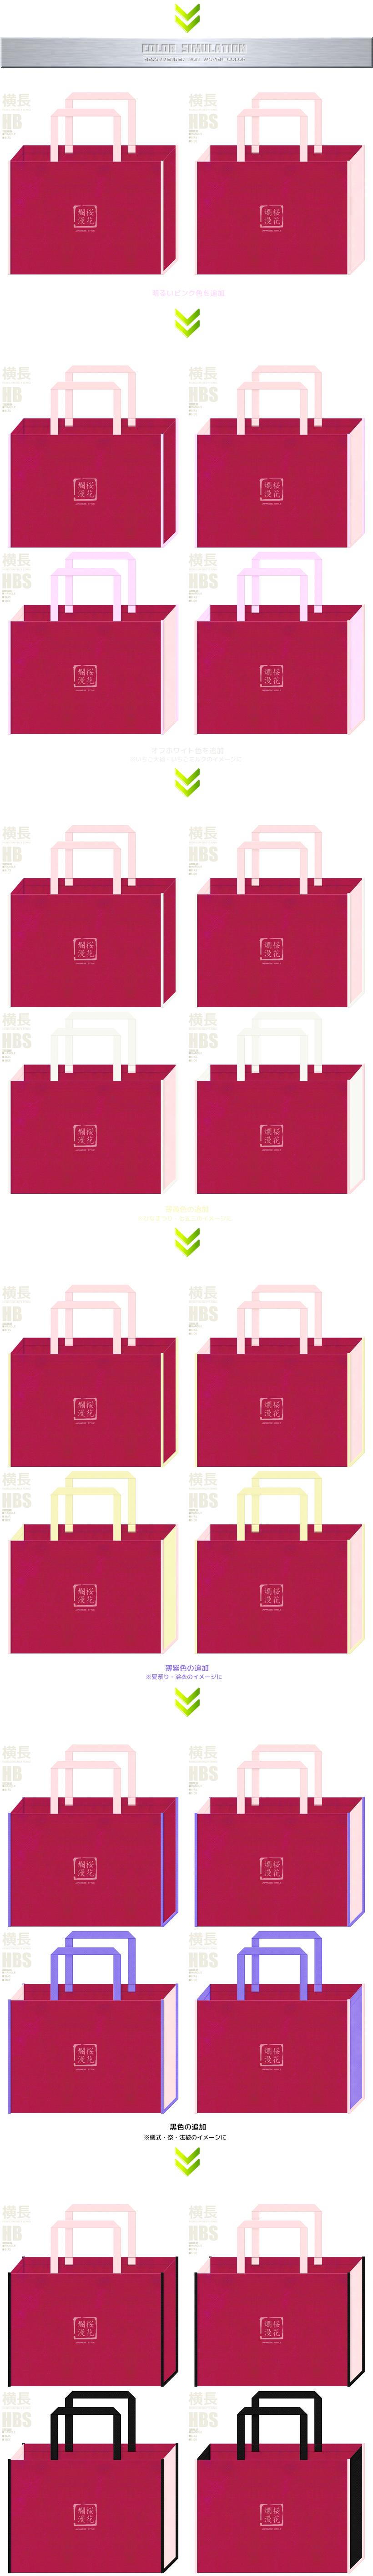 濃いピンク色メインの不織布バッグデザイン:和風ガーリーデザインのカラーシミュレーション